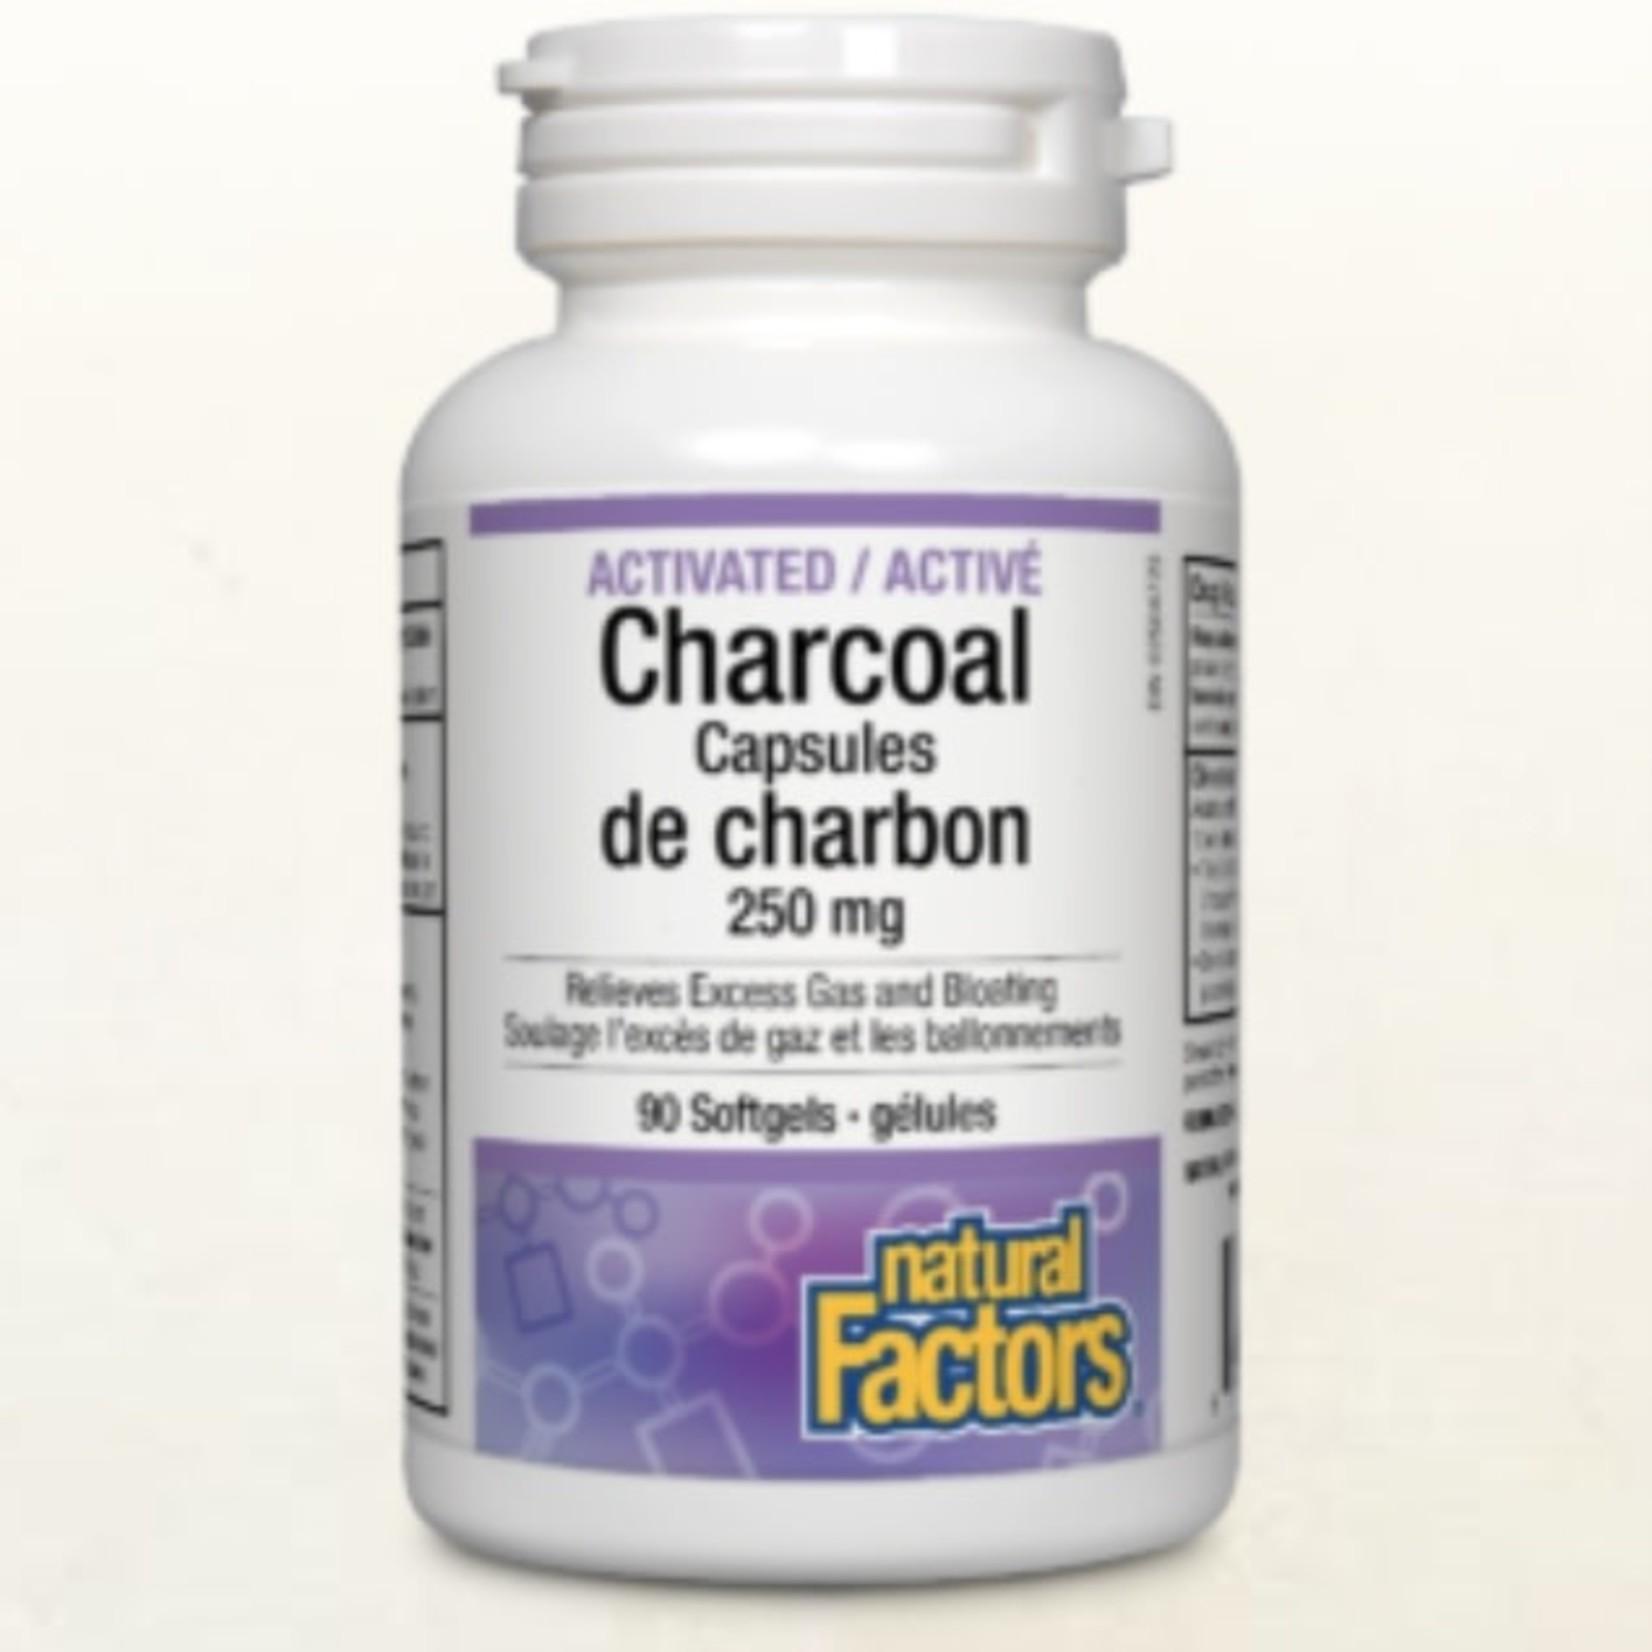 Natural Factors Natural Factors Activated Charcoal 250mg 90 softgels